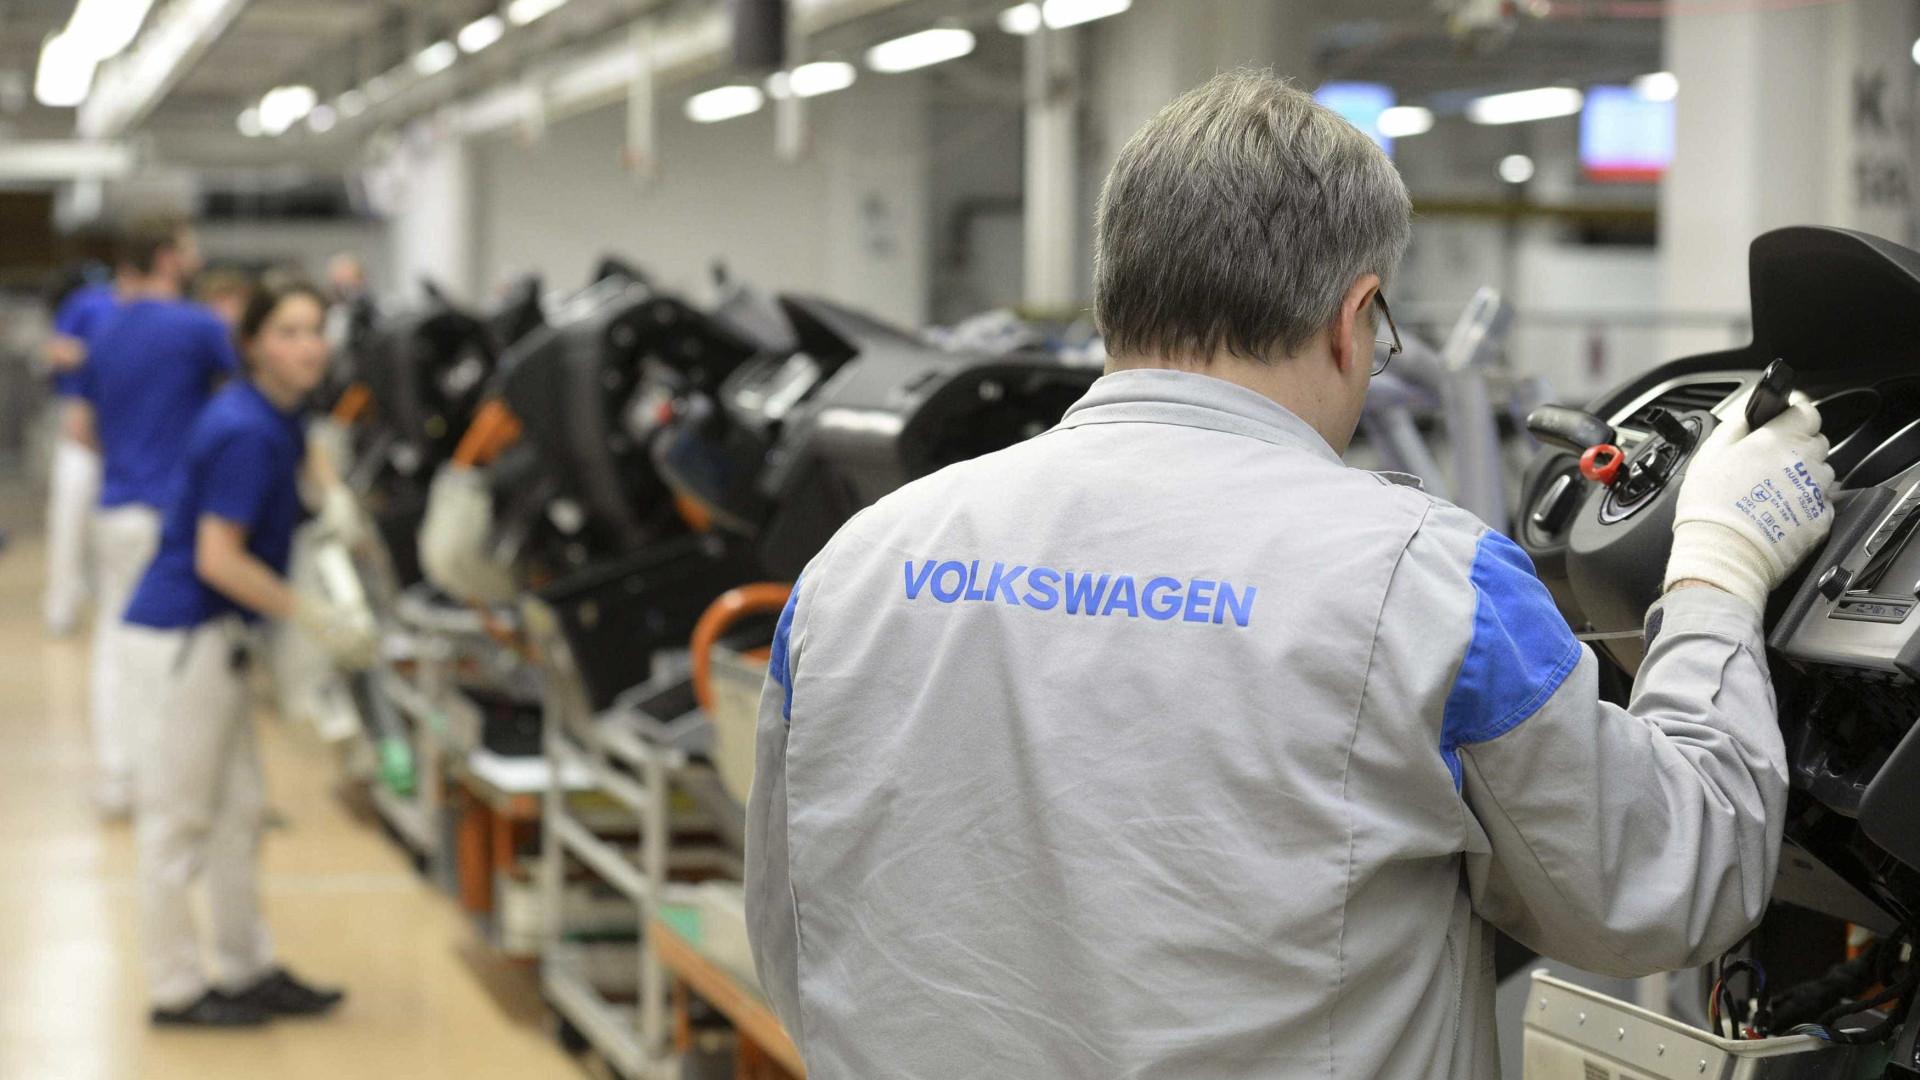 Volkswagen antecipa paralisação de fábricas no Brasil para o dia 23